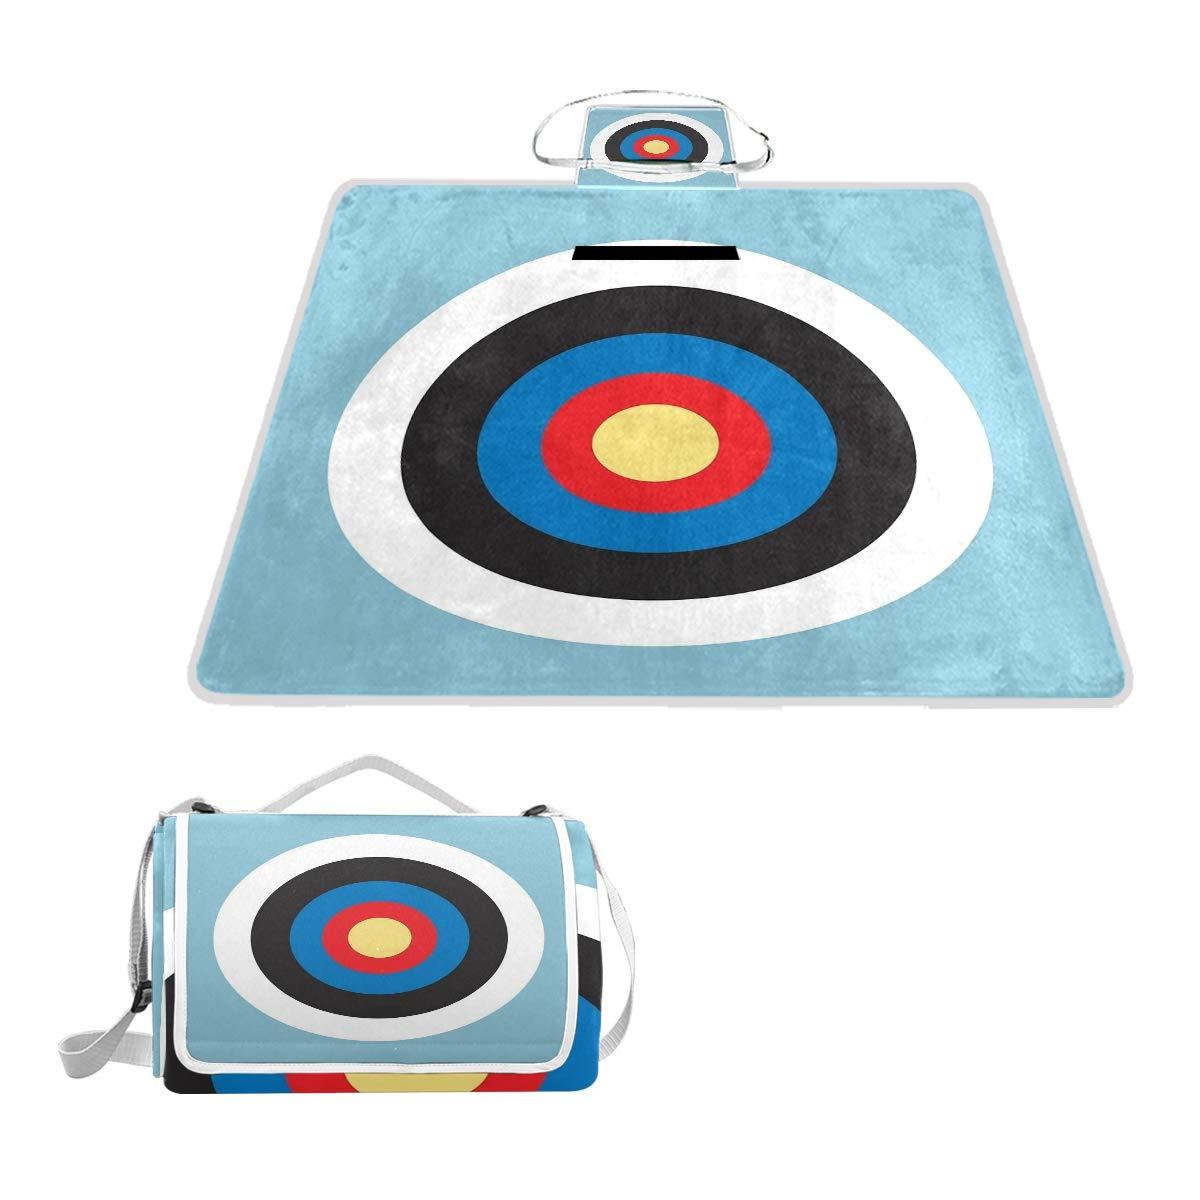 dise/ño de Tiro con Arco Sotyi-ltd Bulls Eye Right On Target Manta de Picnic para Exteriores